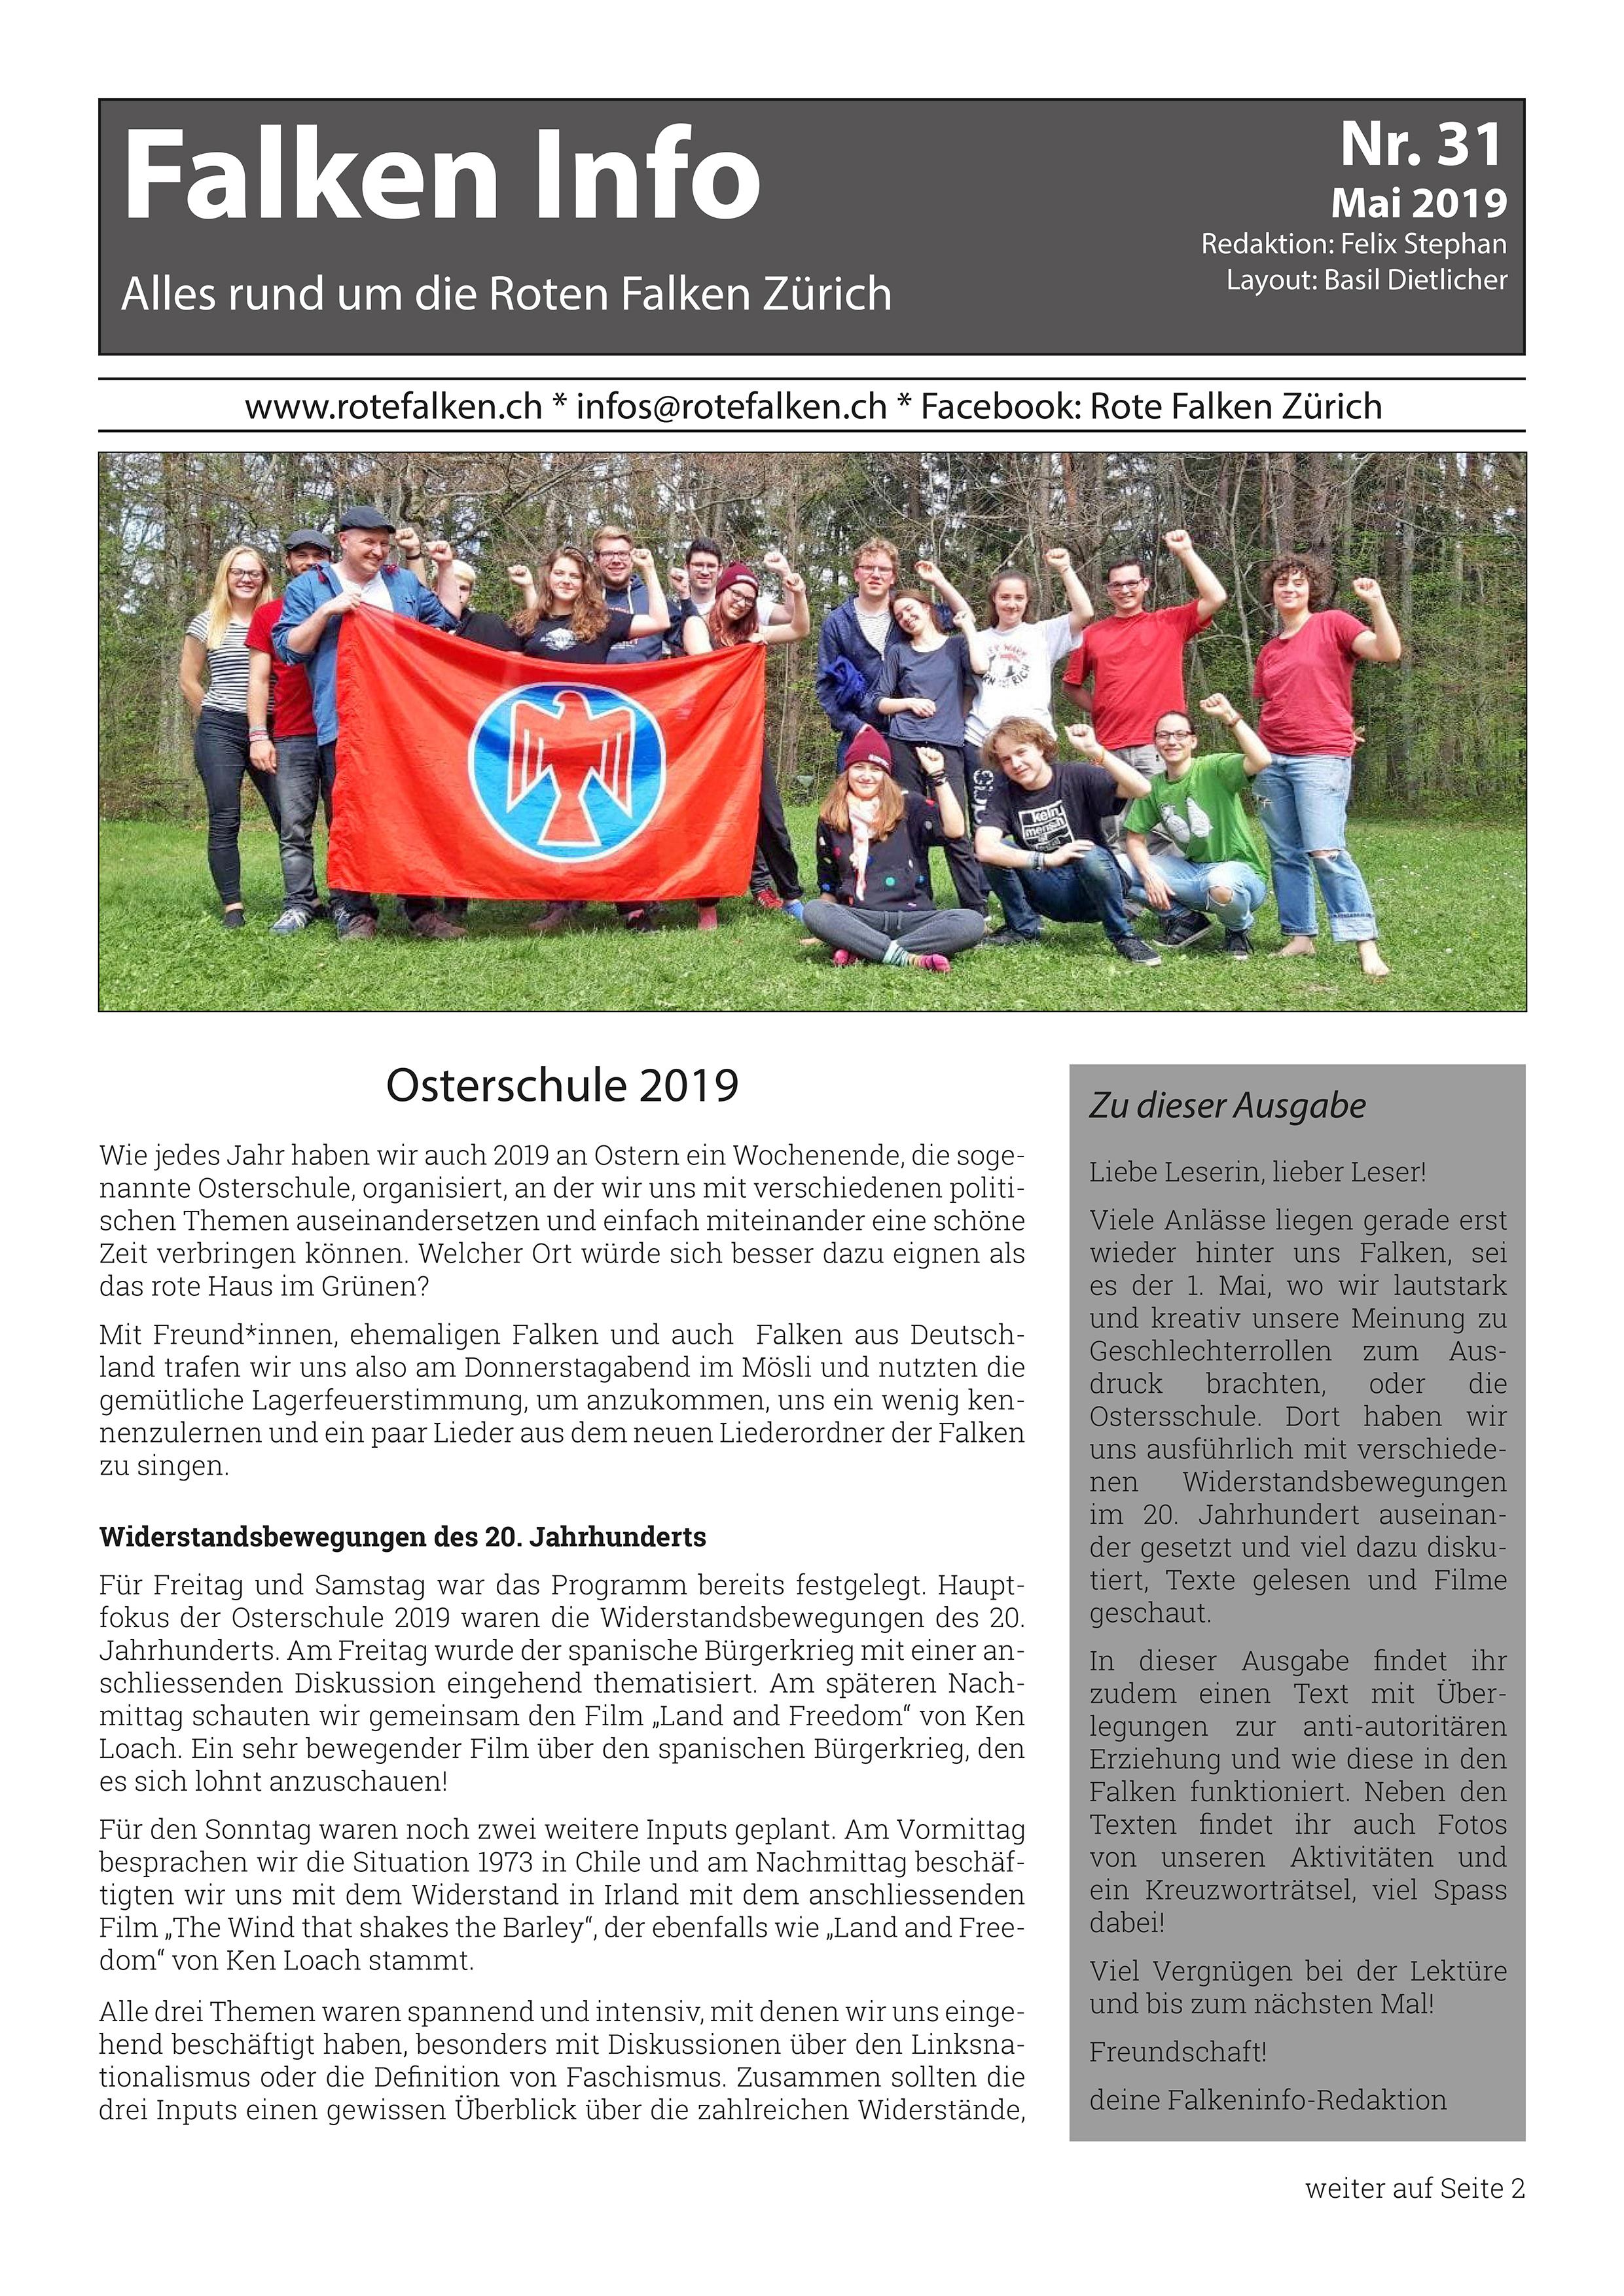 Neues Falken Info Nr. 31